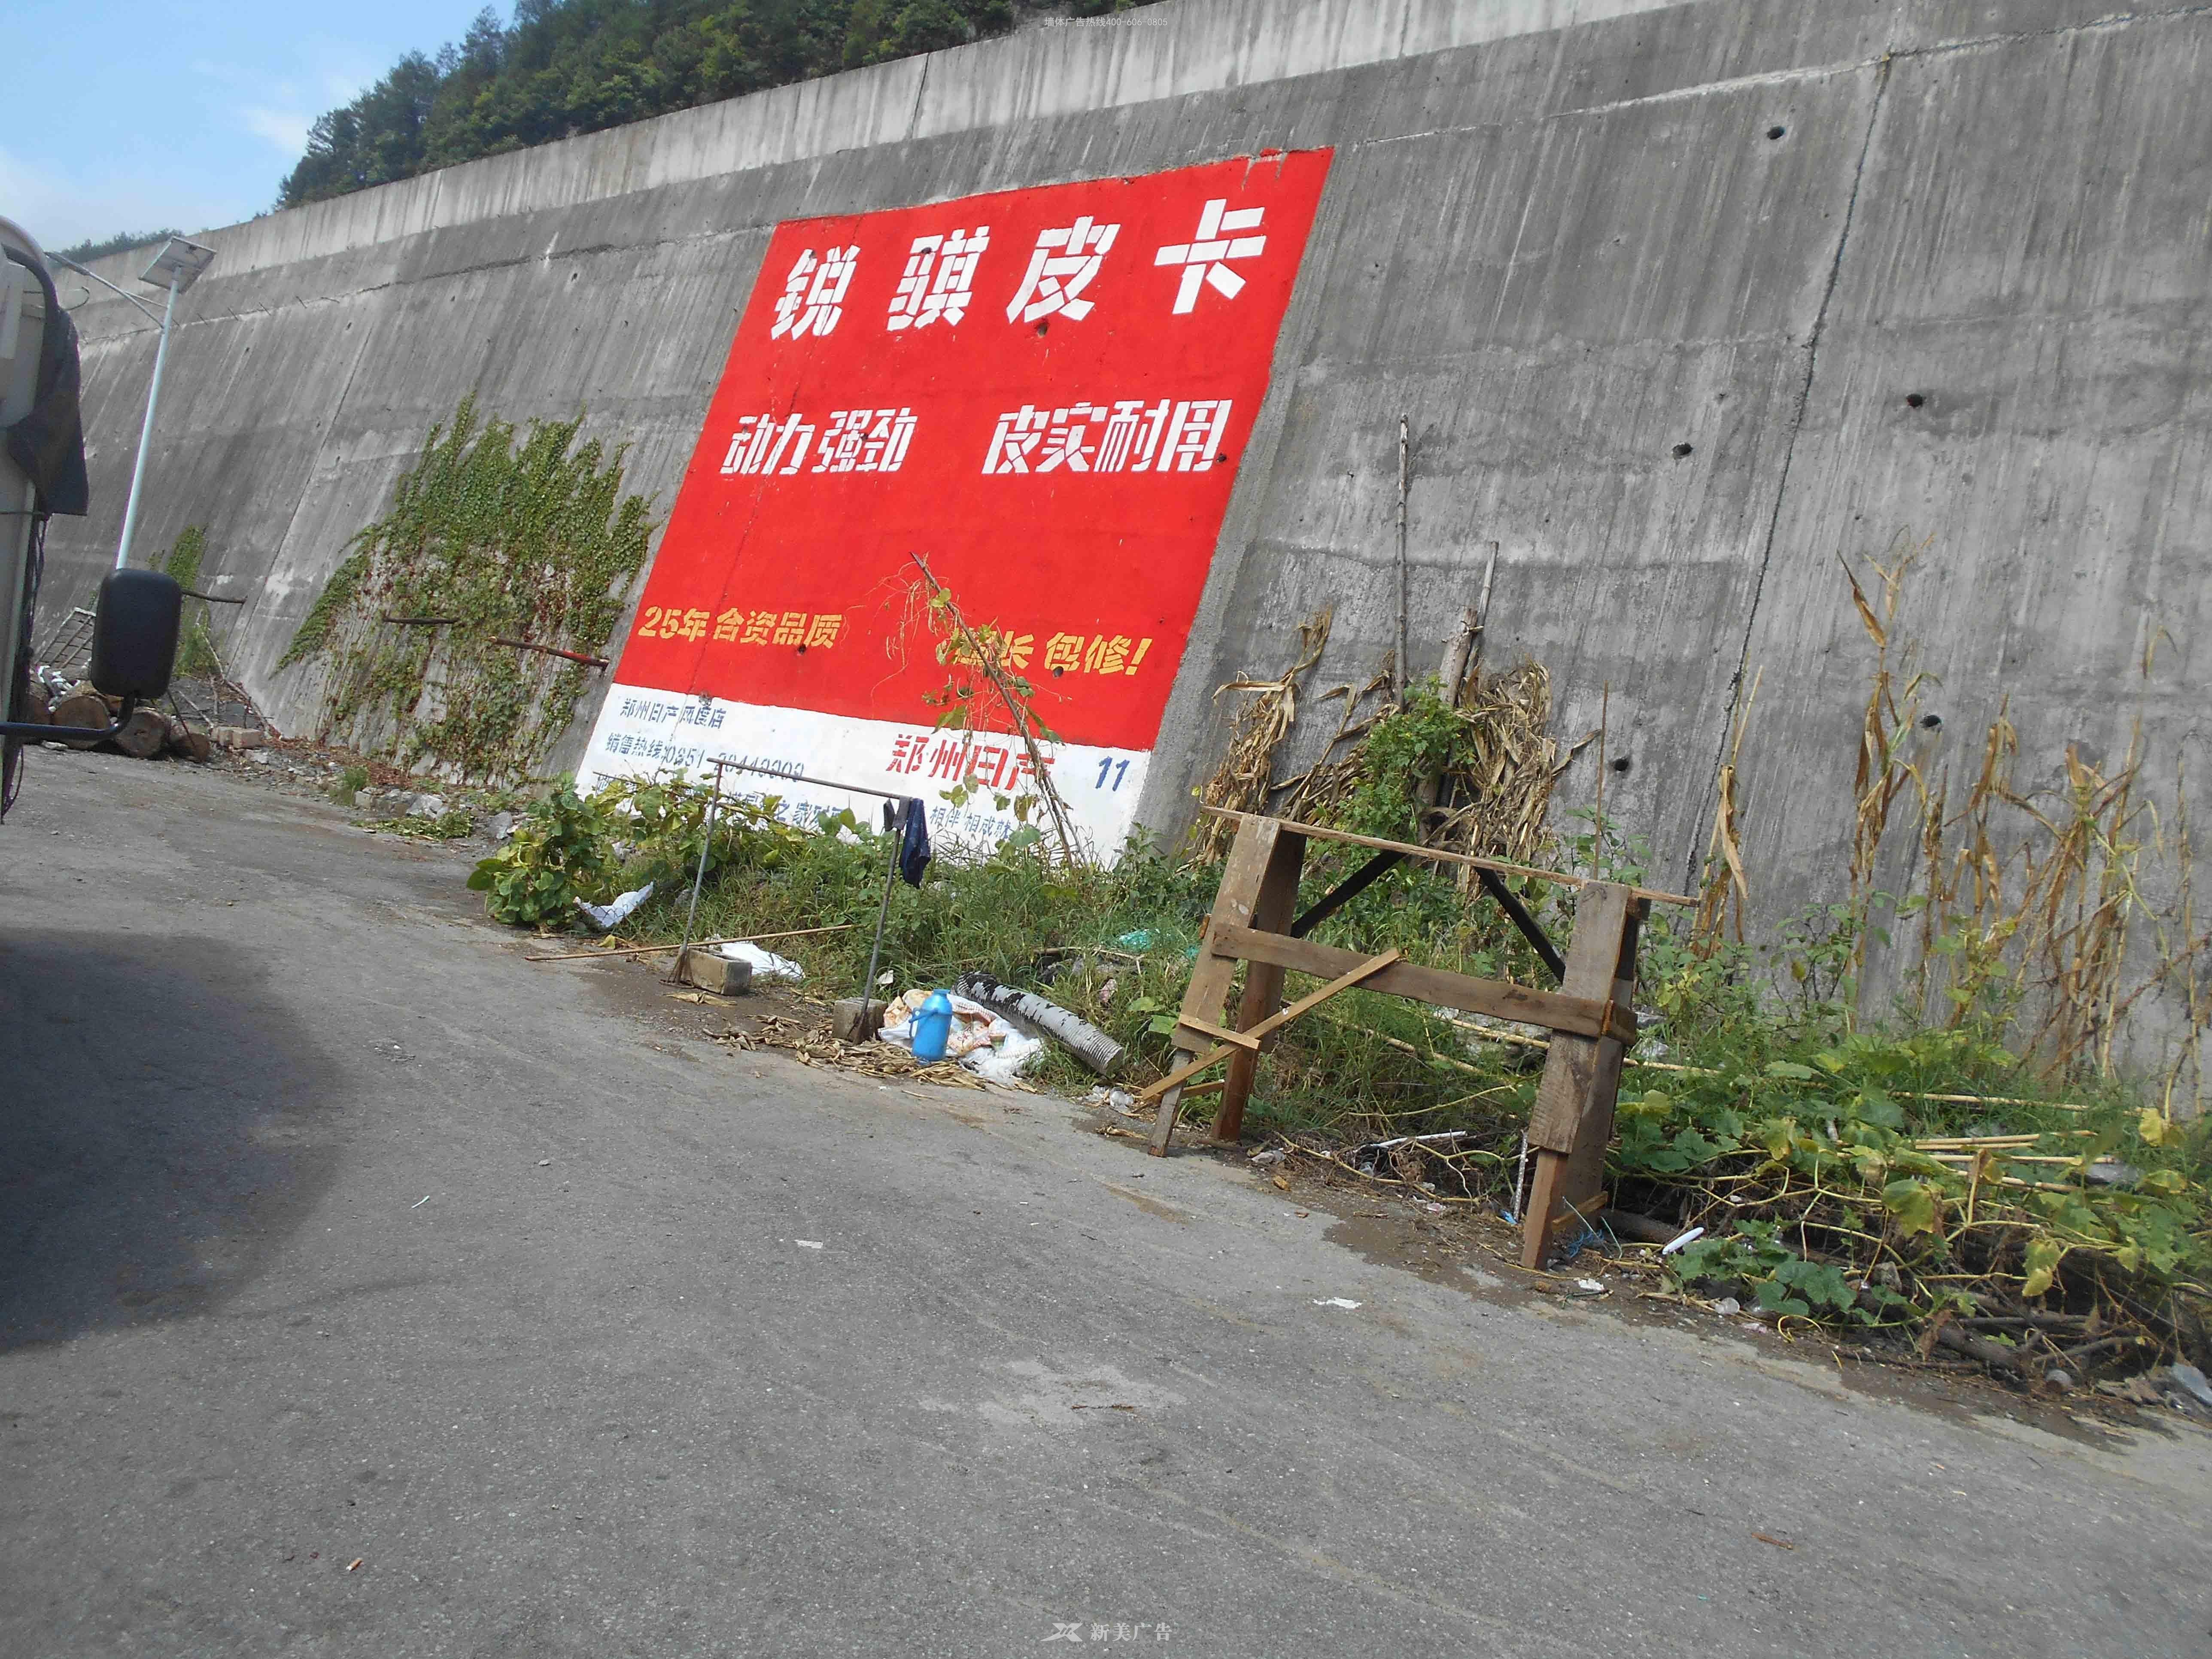 郑州日产锐骐凤凰彩票极速pk10计划全天在线广告